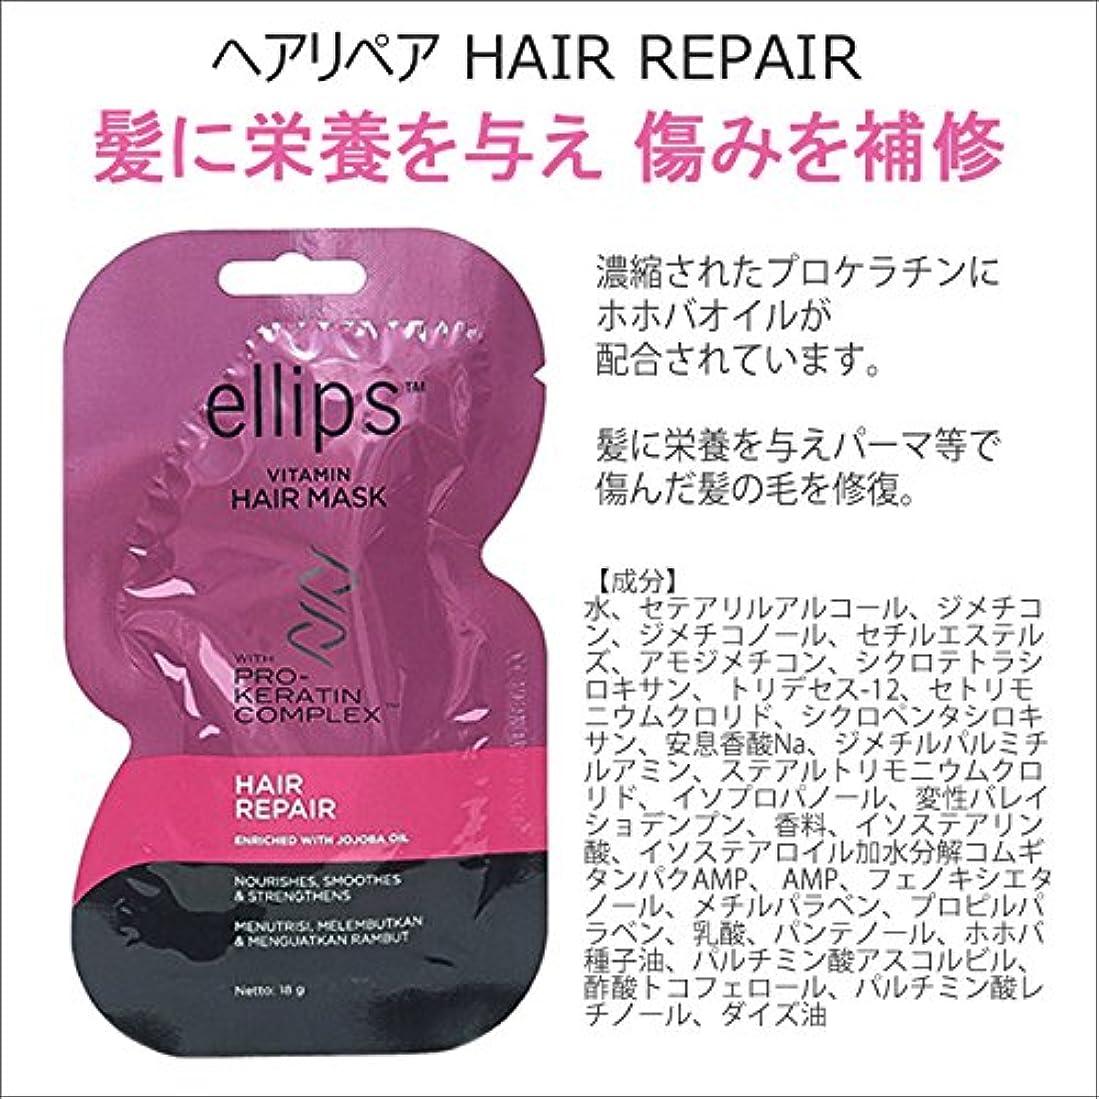 報酬モロニック四ellips(エリップス) PRO KERATIN COMPLEX プロ用 ヘアマスク ヘアパック シートタイプ 洗い流すヘアトリートメント ピンク(ダメージ用)